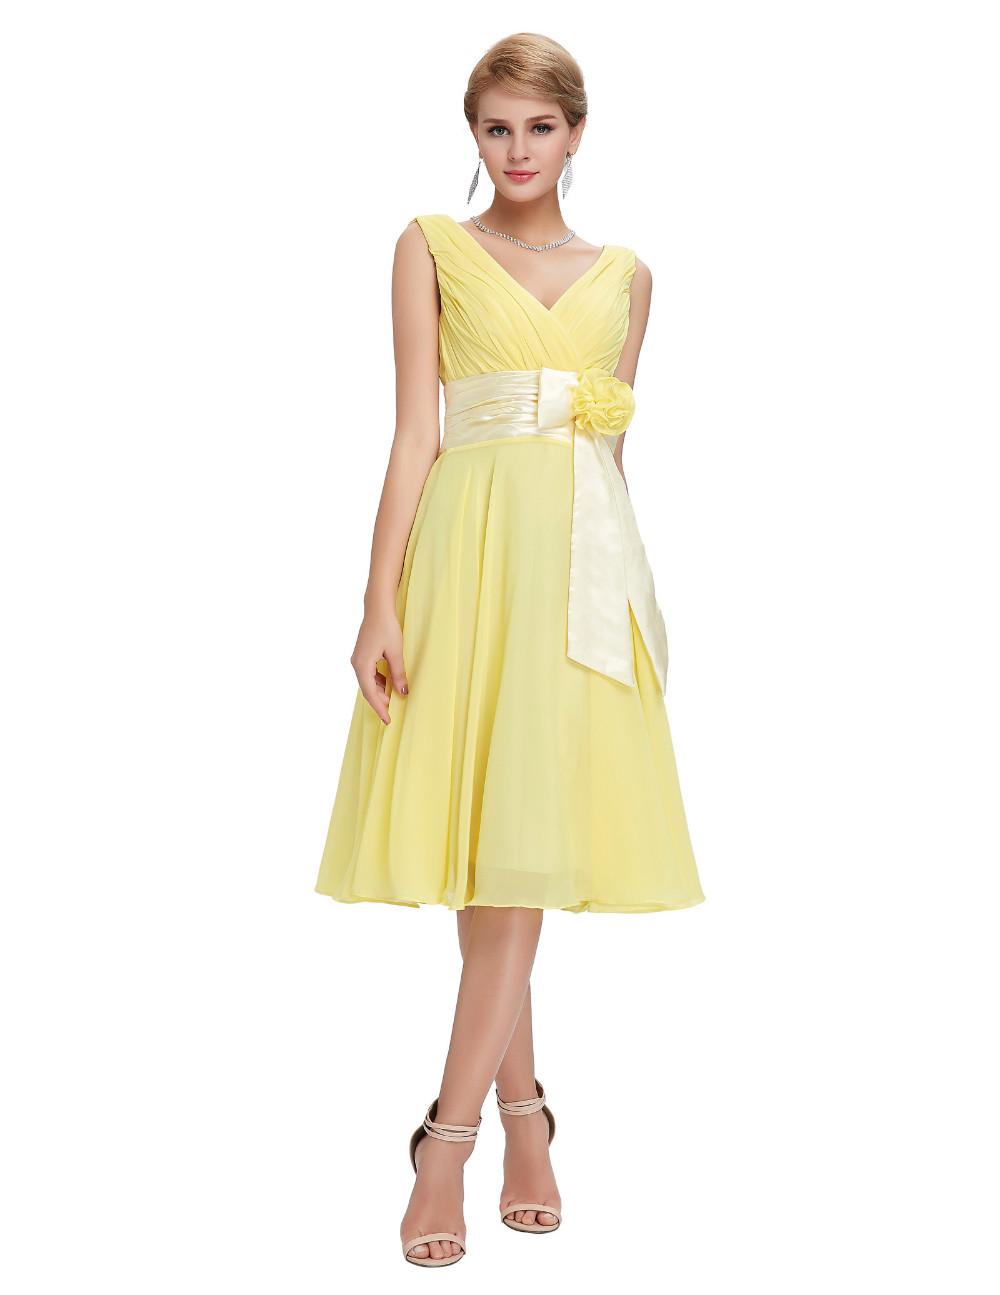 HTB1mOLTMVXXXXcJXVXXq6xXFXXX3Knee Length Short Chiffon Blue Dress